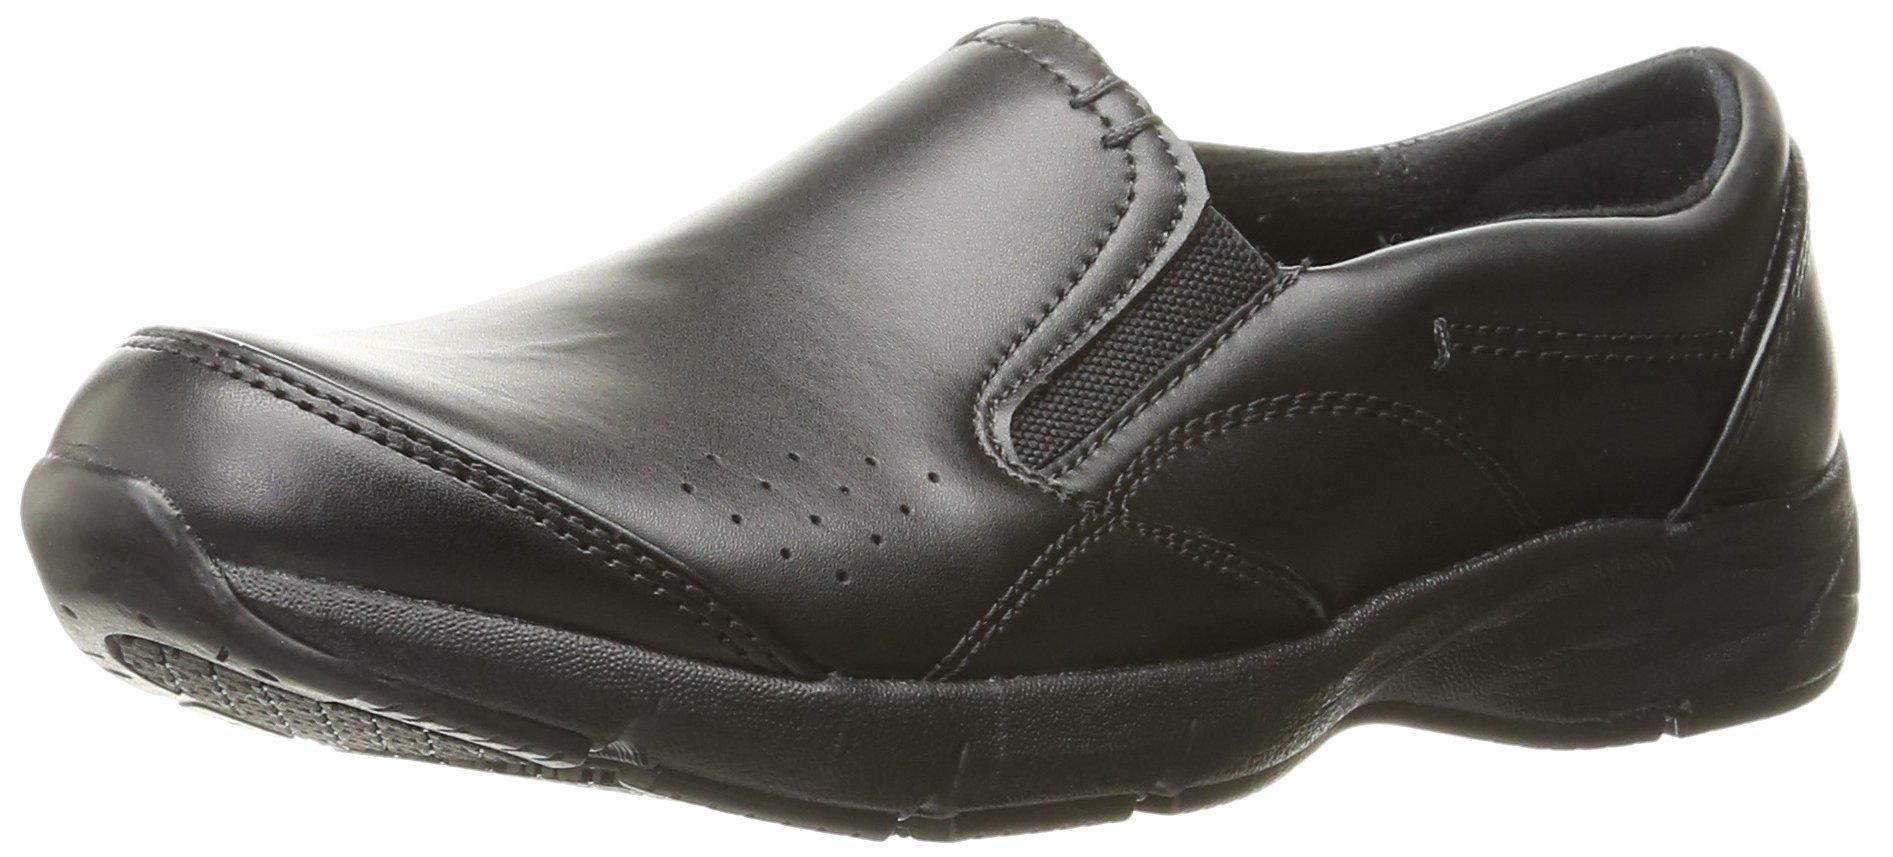 Dr. Scholl's Shoes Women's Establish Uniform Dress Shoe, Black, 9 W US